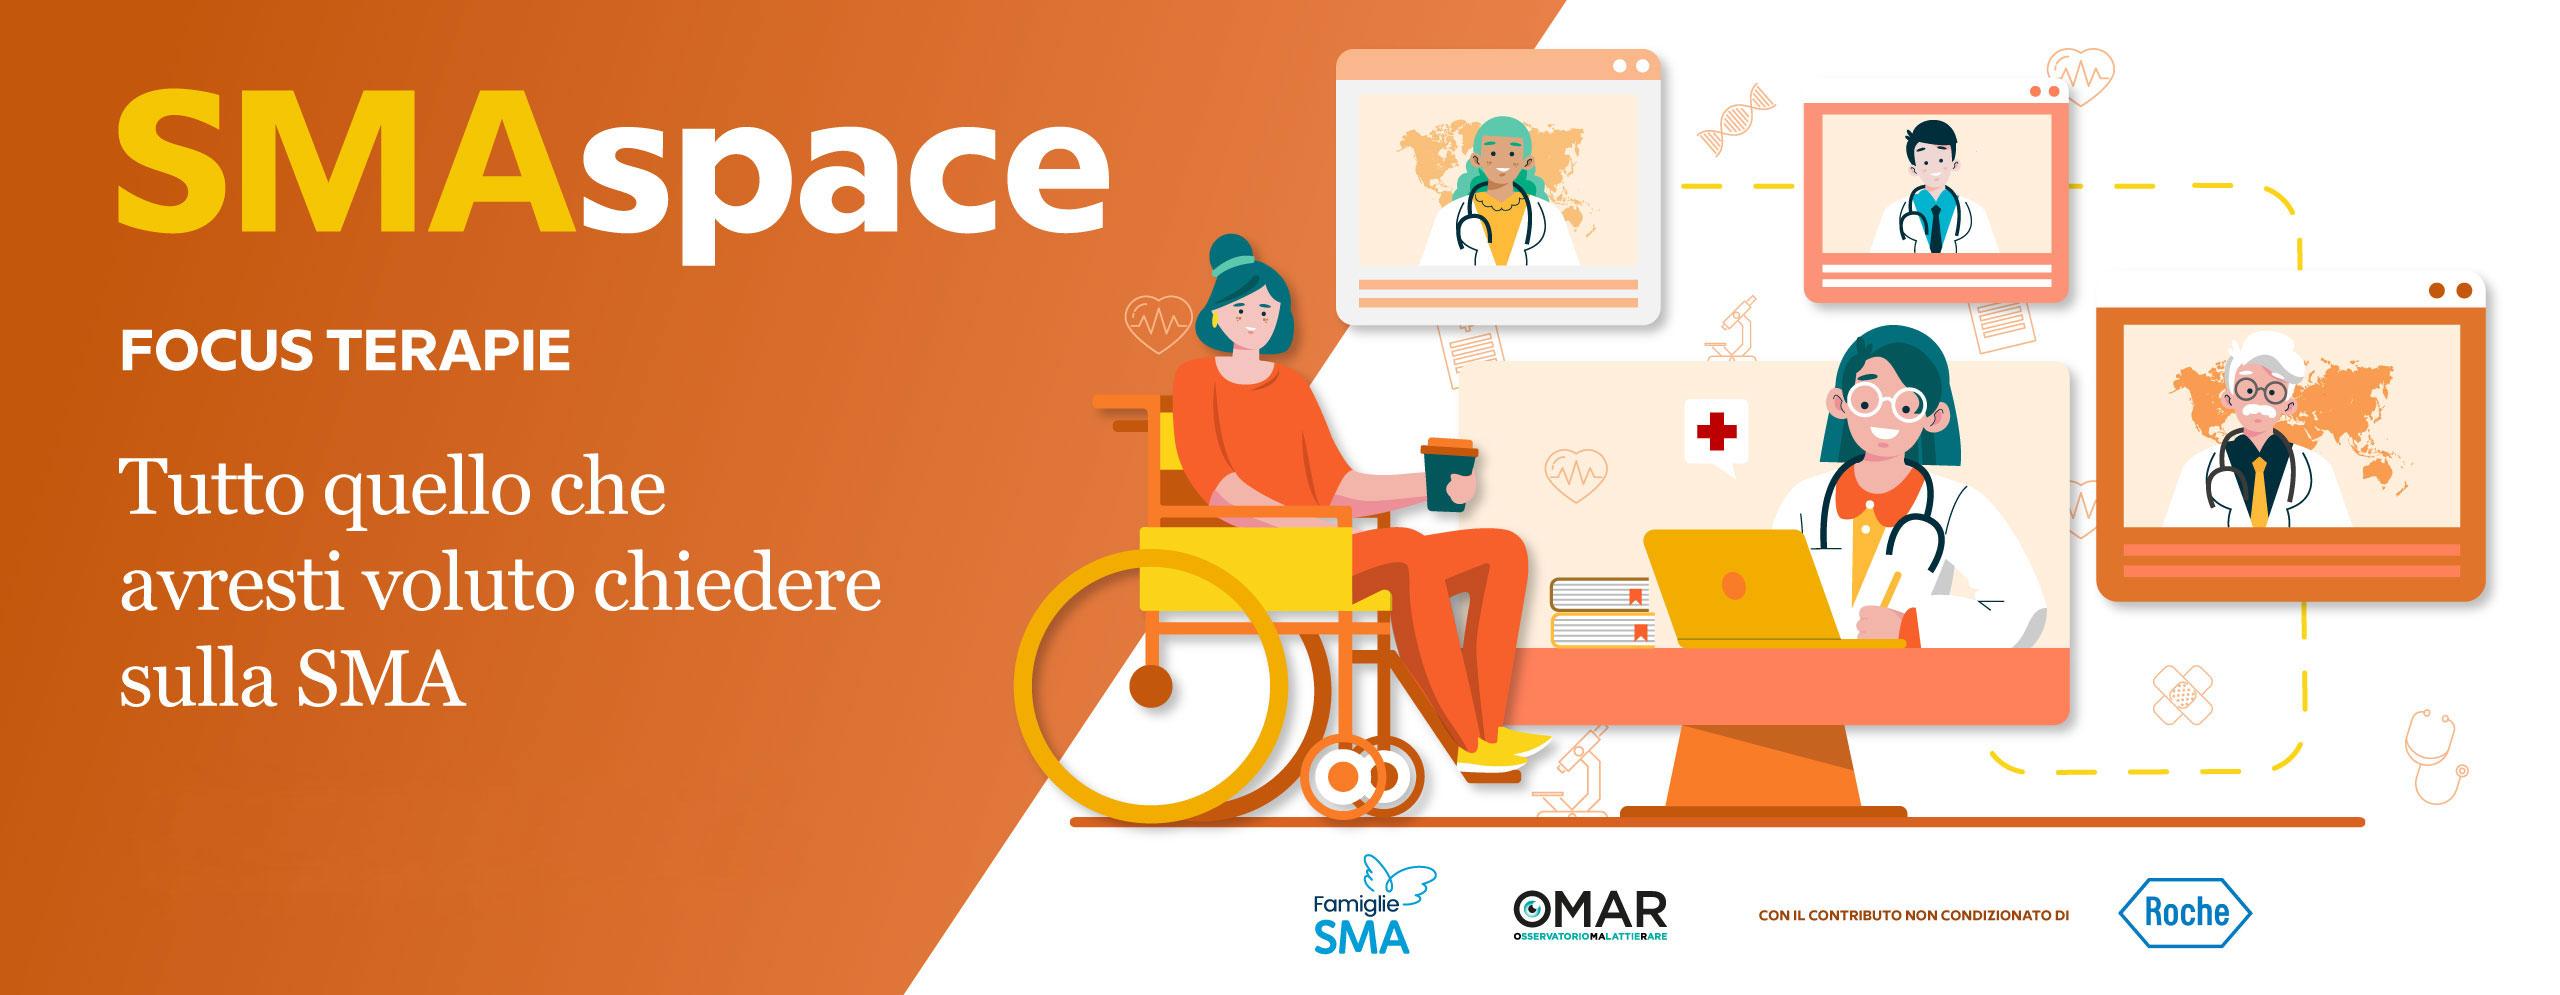 SMASpace